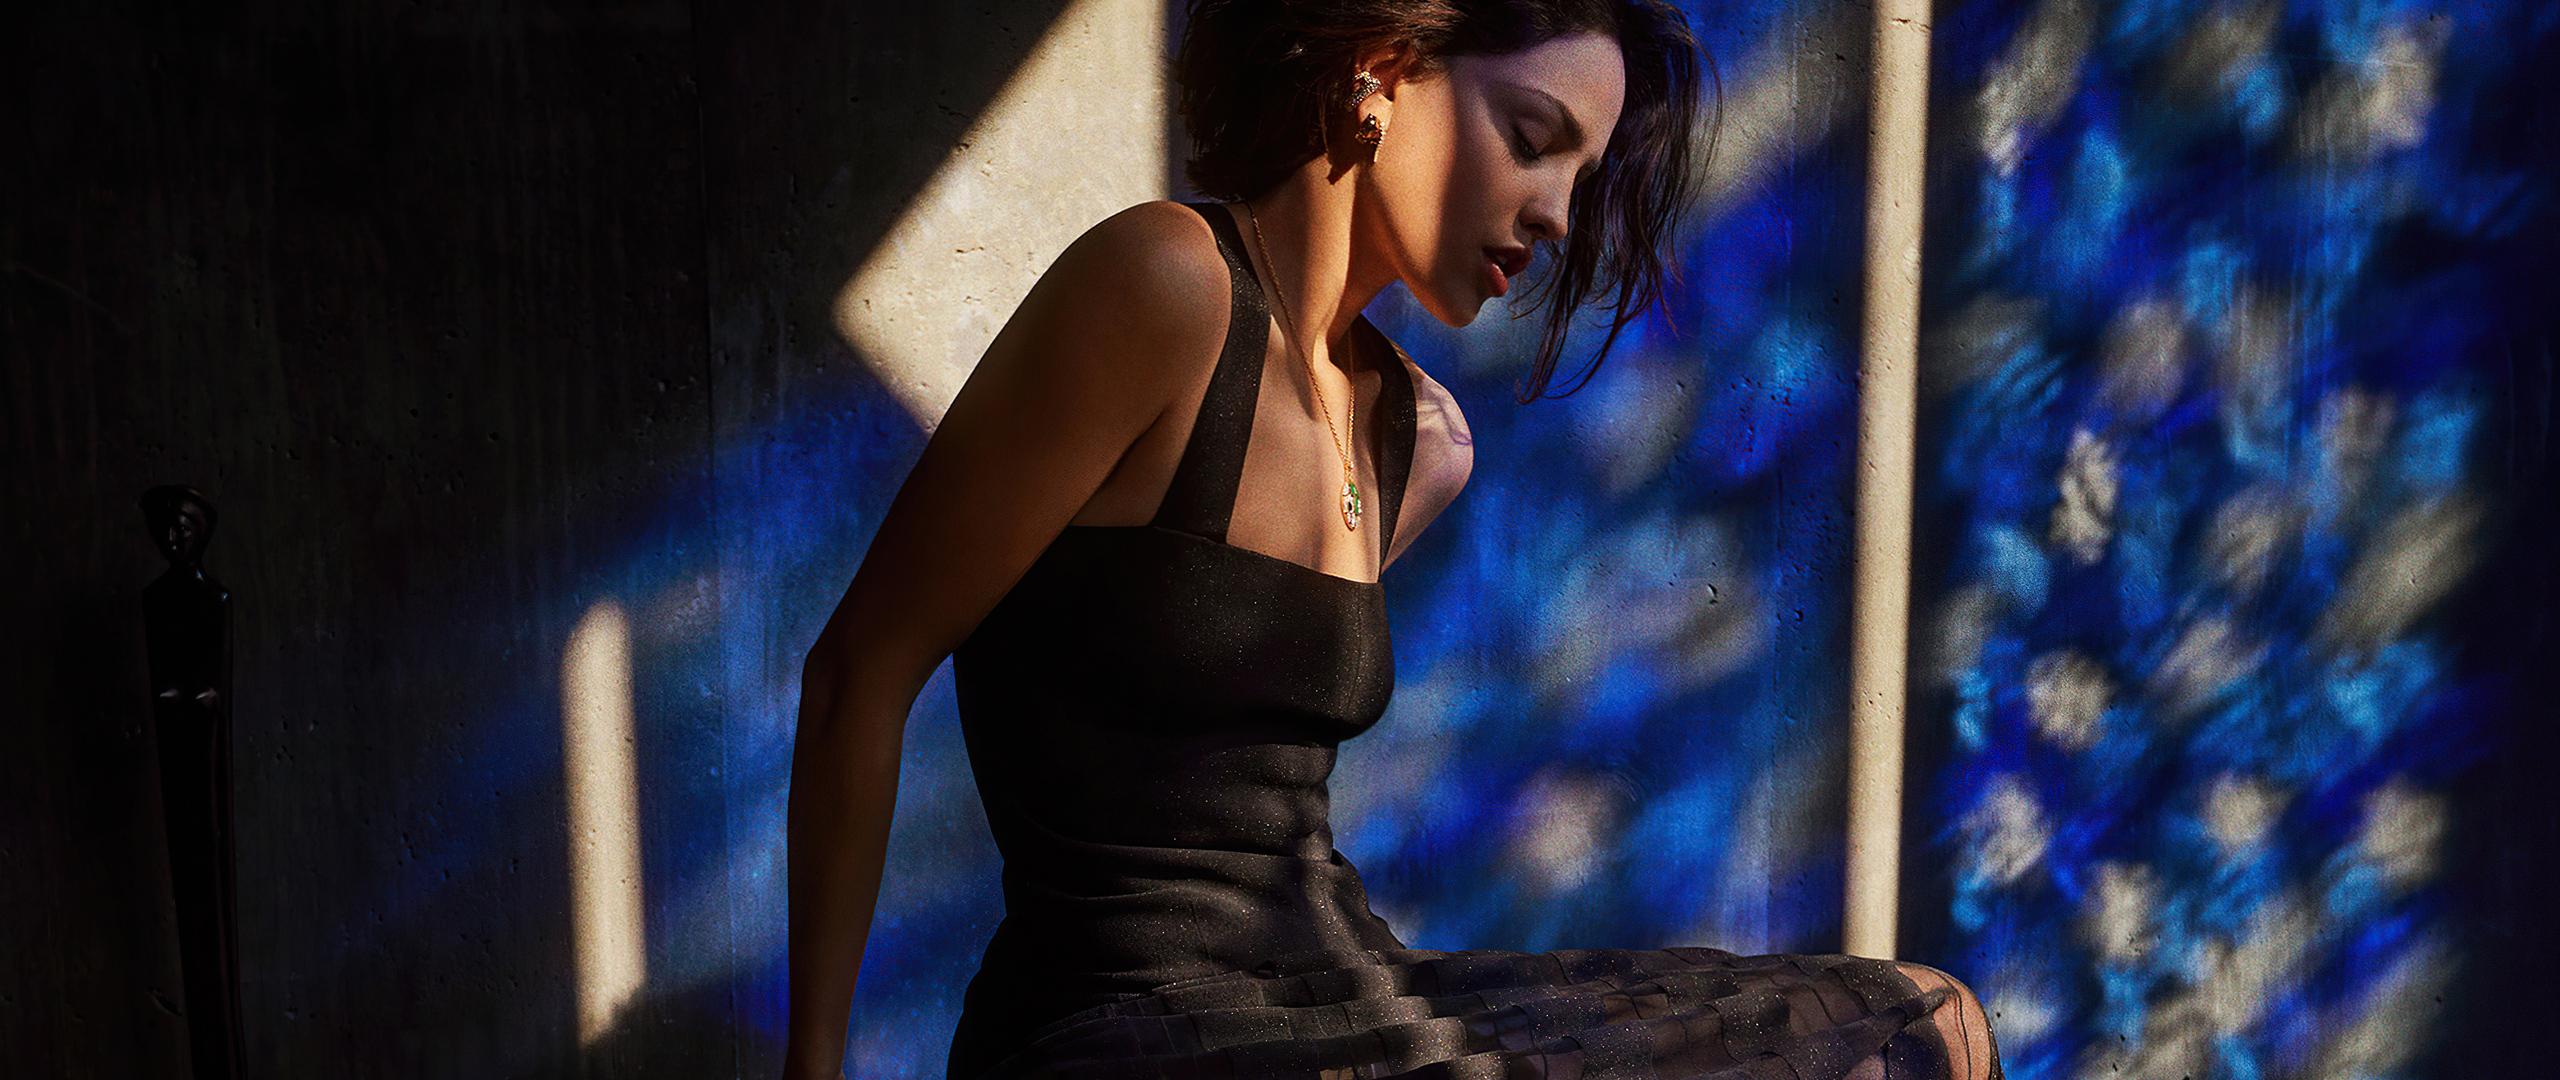 eiza-gonzalez-sbjct-journal-photoshoot-8v.jpg